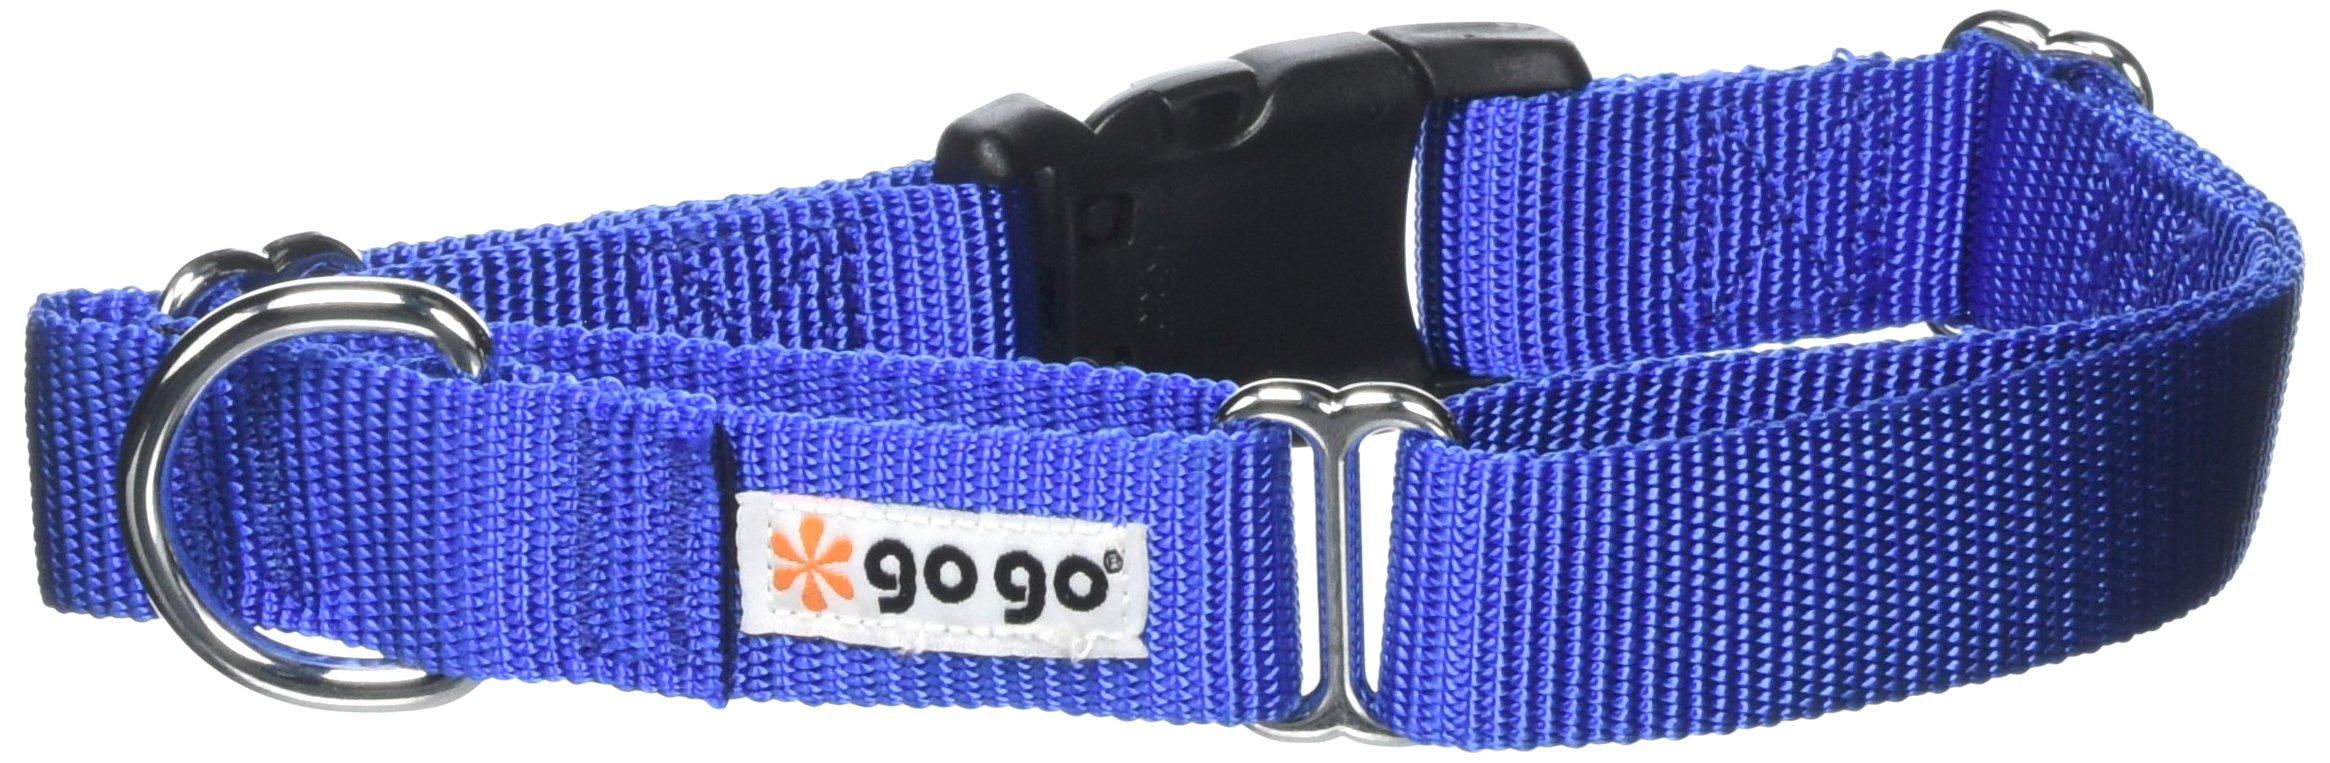 GoGo Pet Products Martingale Gentle Training Collar, Medium/Large, Blue